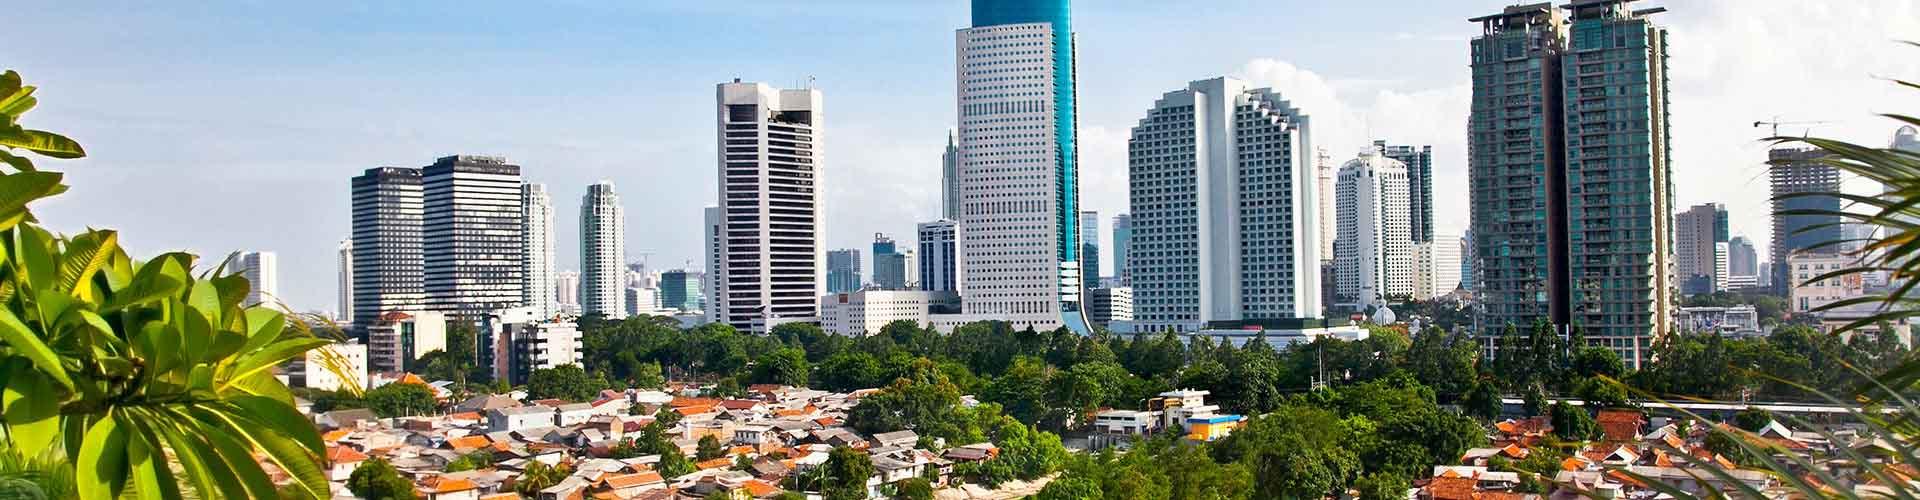 ジャカルタ – アパート ジャカルタ. 地図 ジャカルタ, すべてのアパートの写真とレビュー ジャカルタ.